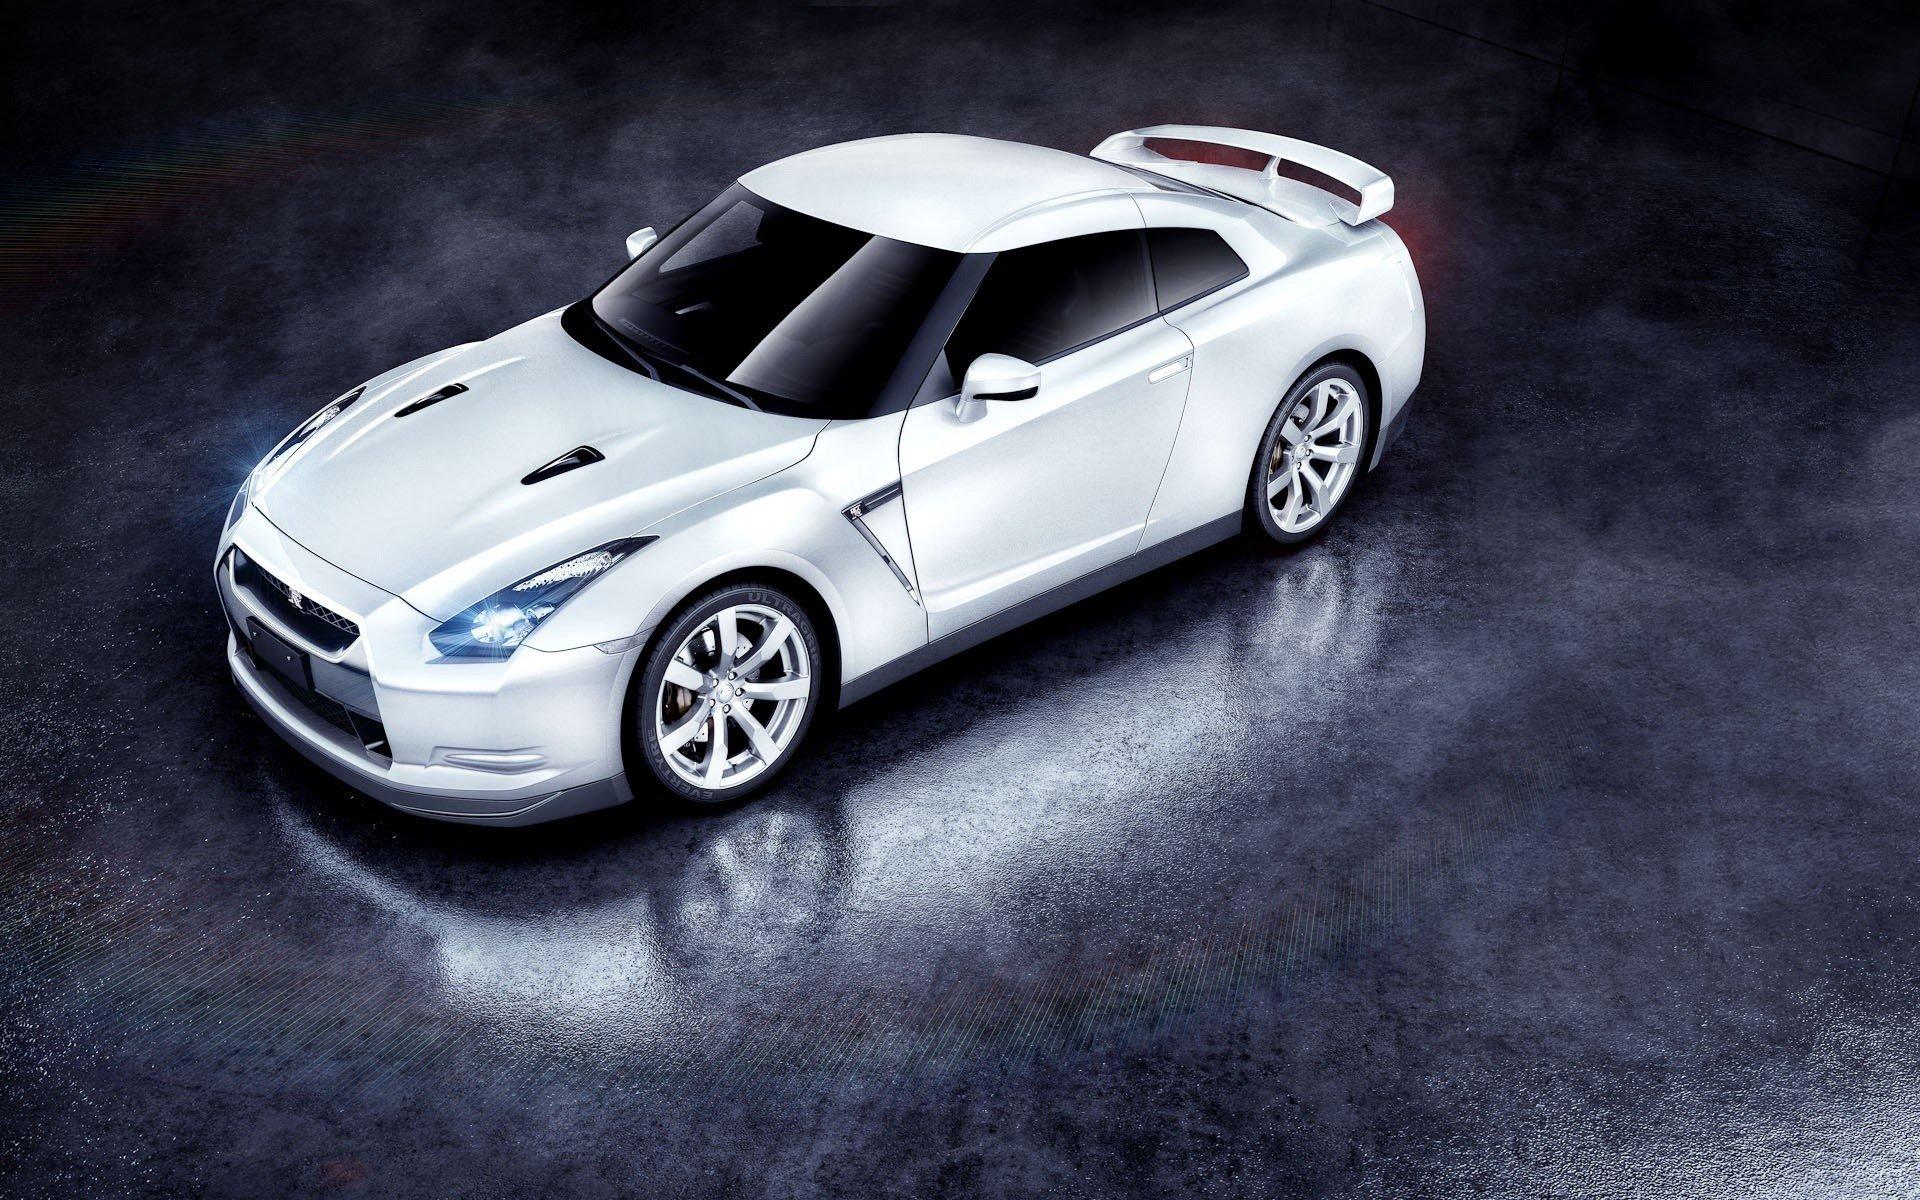 Wallpaper White Nissan GTR Images